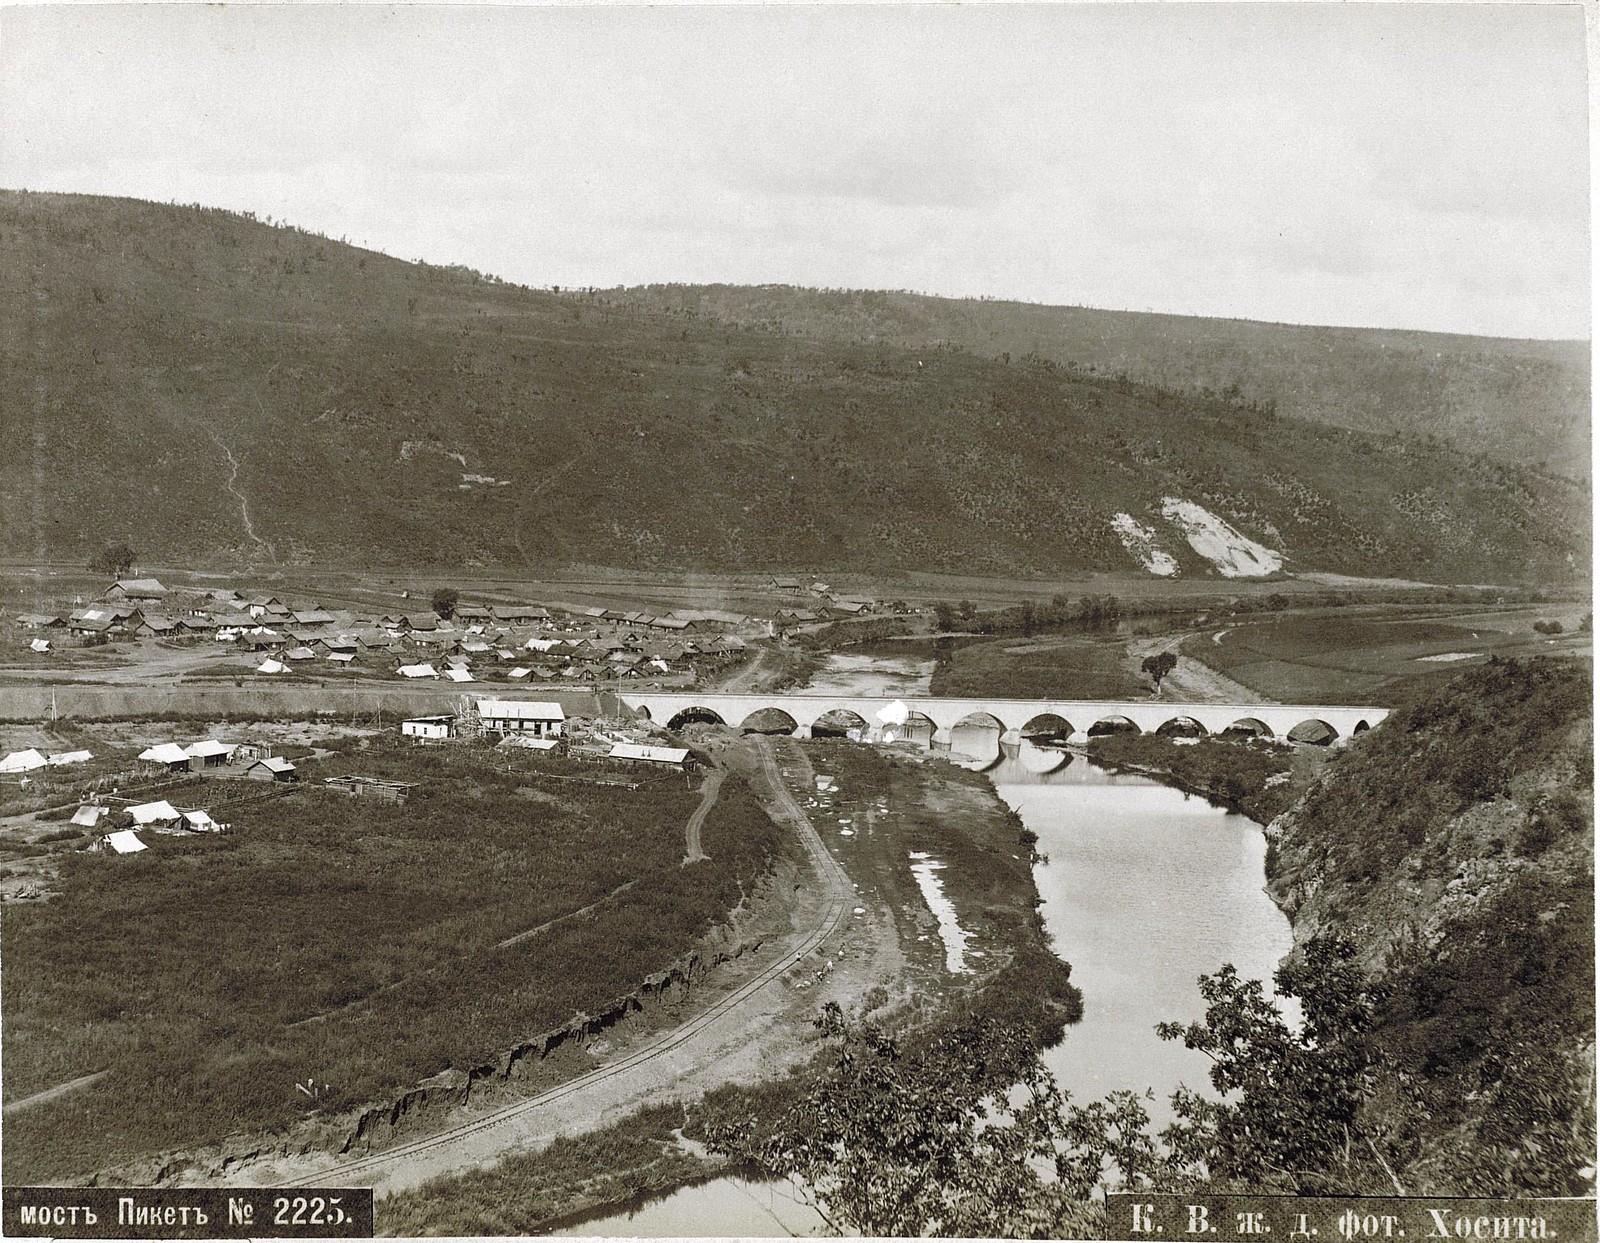 26. Мост. Пикет №2225